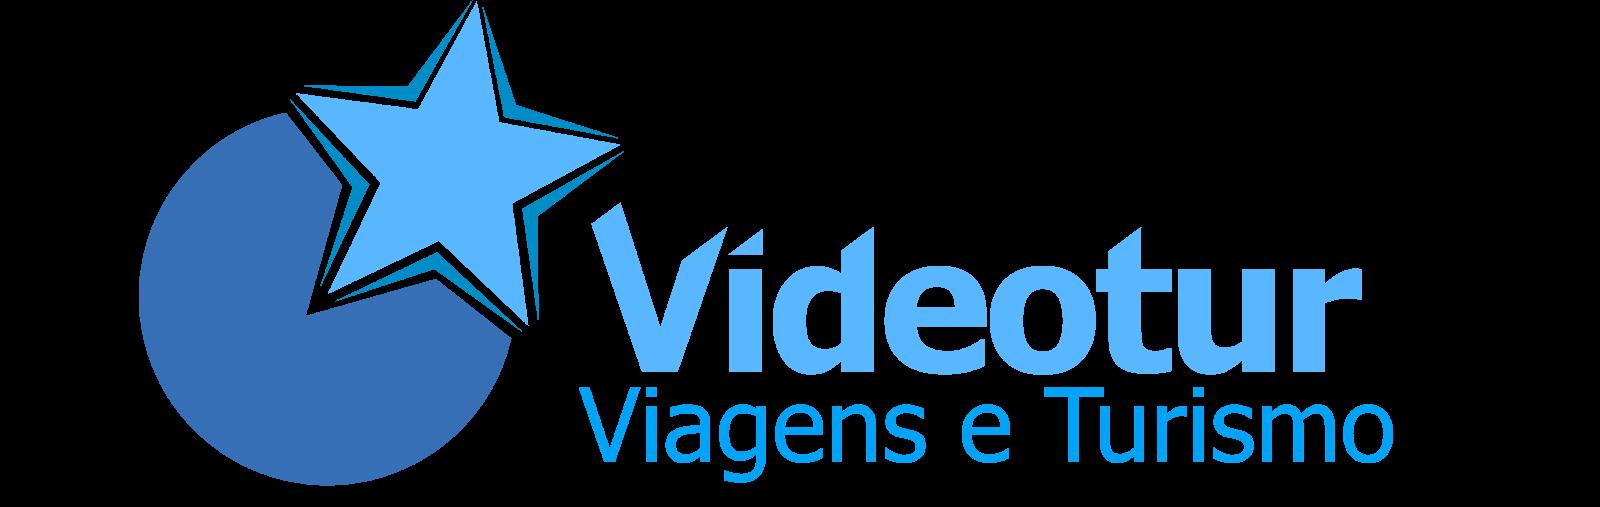 Videotur Viagens e Turismo